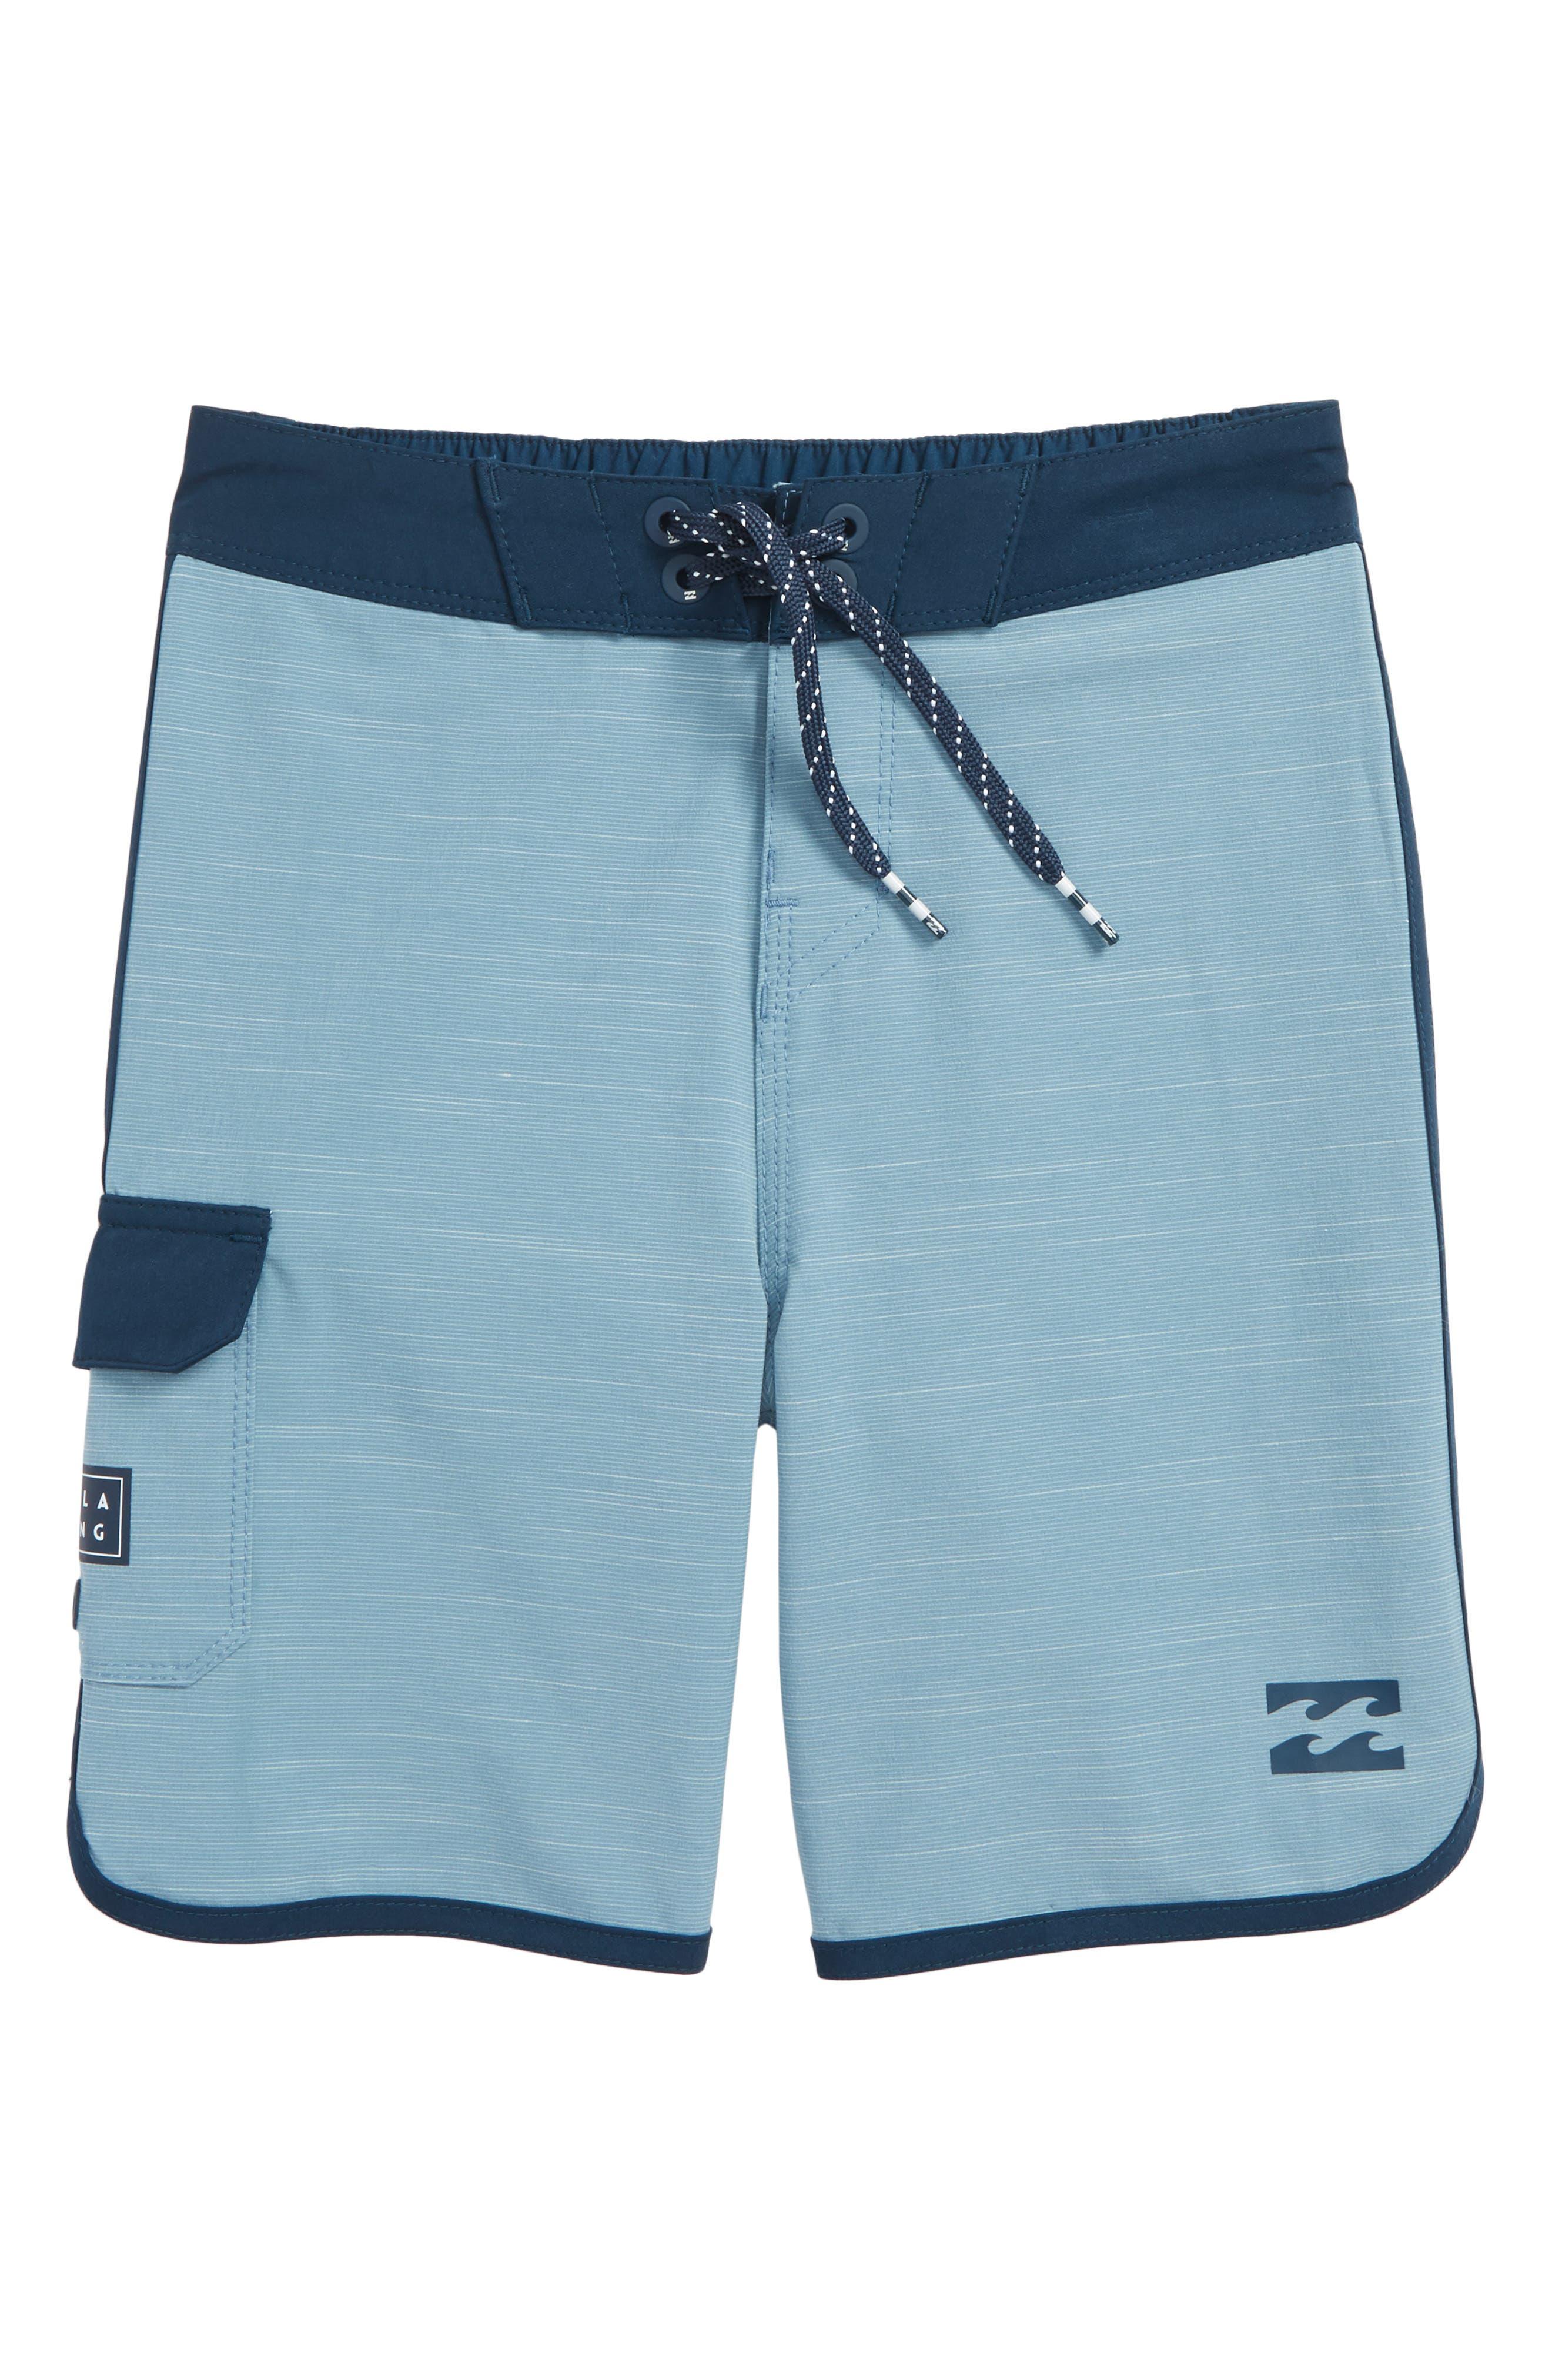 73 X Board Shorts,                             Main thumbnail 1, color,